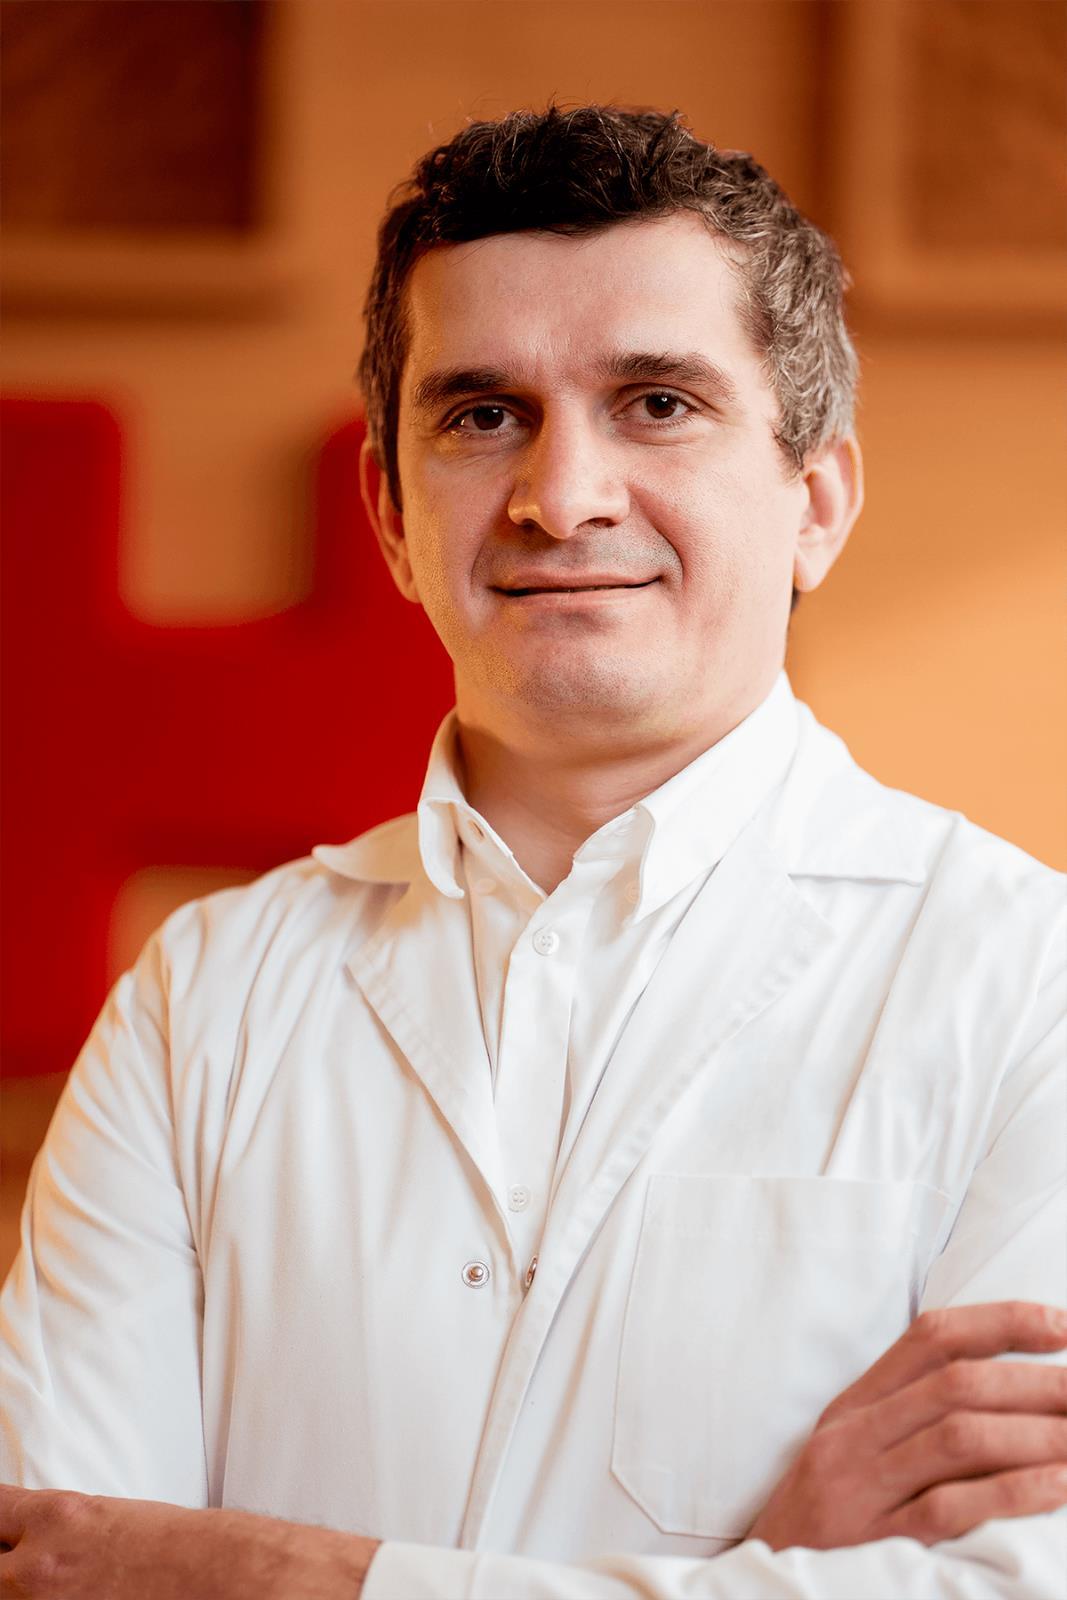 Dr. Ionut Gobej